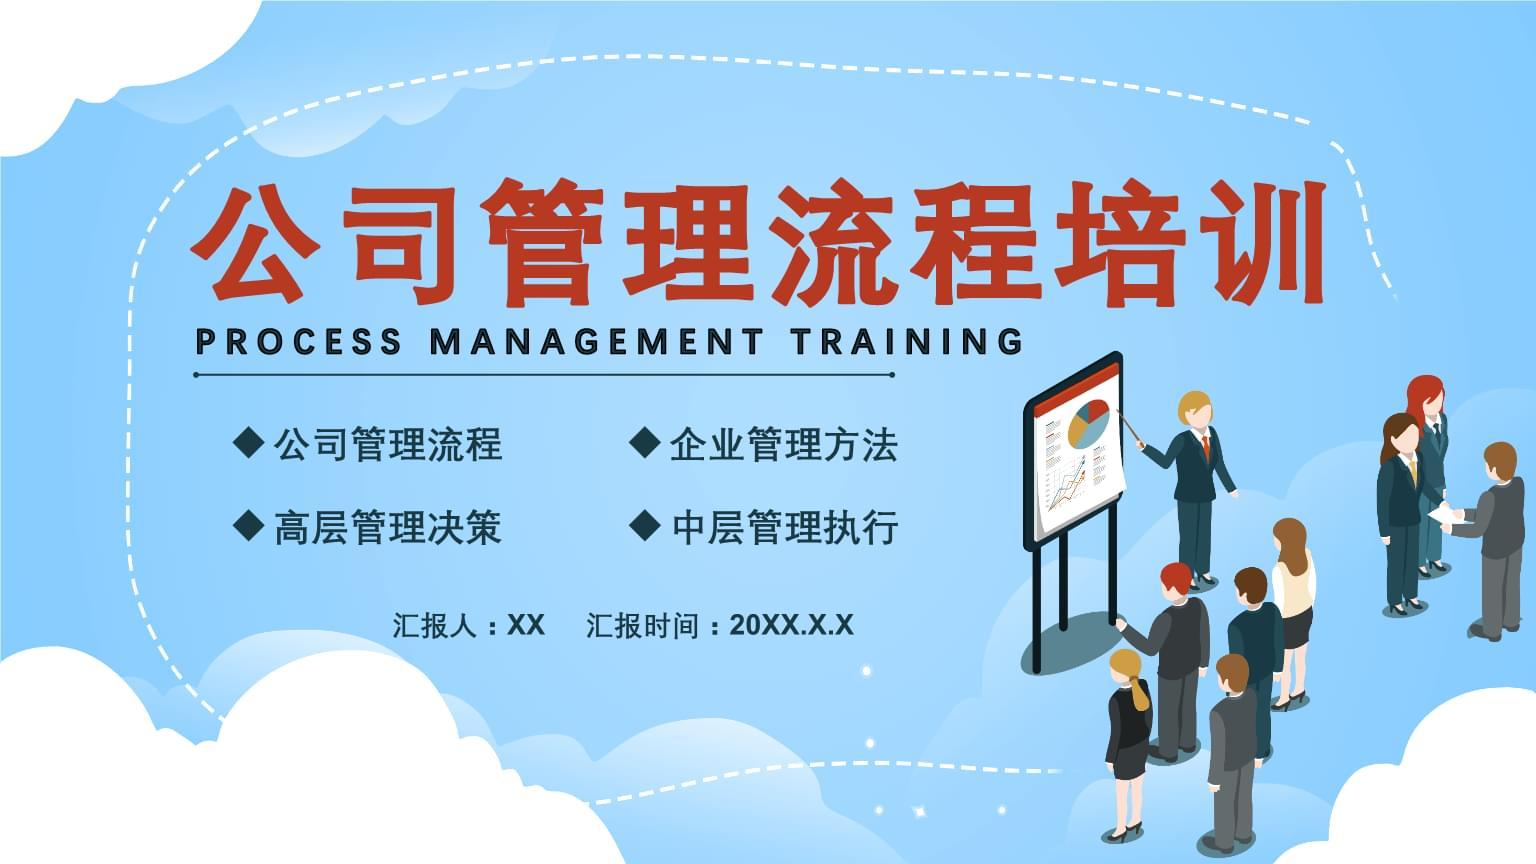 公司管理流程培训PPT模板.pptx